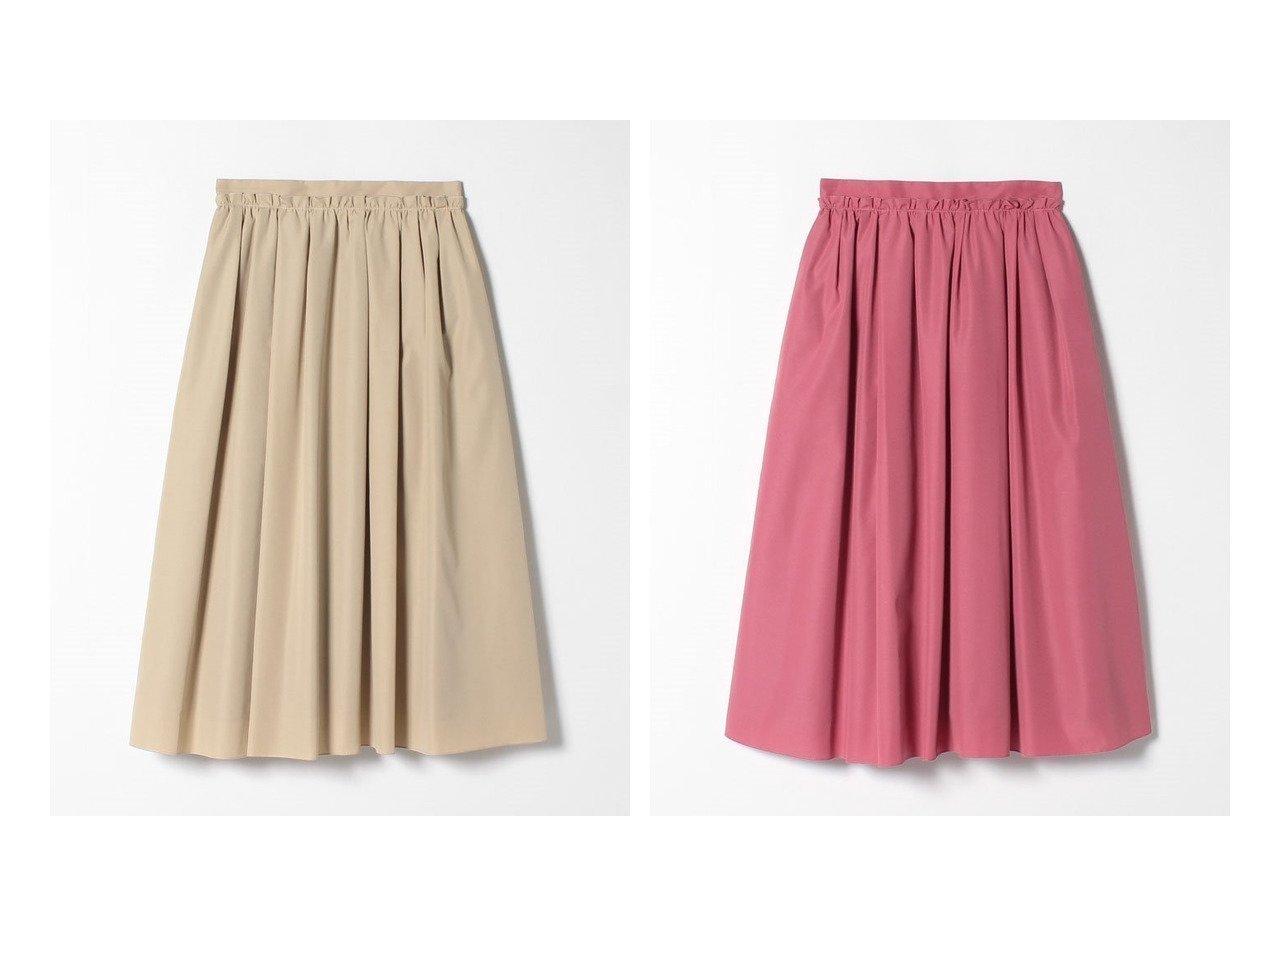 【LANVIN en Bleu/ランバン オン ブルー】のタックギャザースカート スカートのおすすめ!人気、レディースファッションの通販 おすすめで人気のファッション通販商品 インテリア・家具・キッズファッション・メンズファッション・レディースファッション・服の通販 founy(ファニー) https://founy.com/ ファッション Fashion レディース WOMEN スカート Skirt Aライン/フレアスカート Flared A-Line Skirts ウォッシャブル ギャザー グログラン フレア ベーシック ミモレ  ID:crp329100000003030